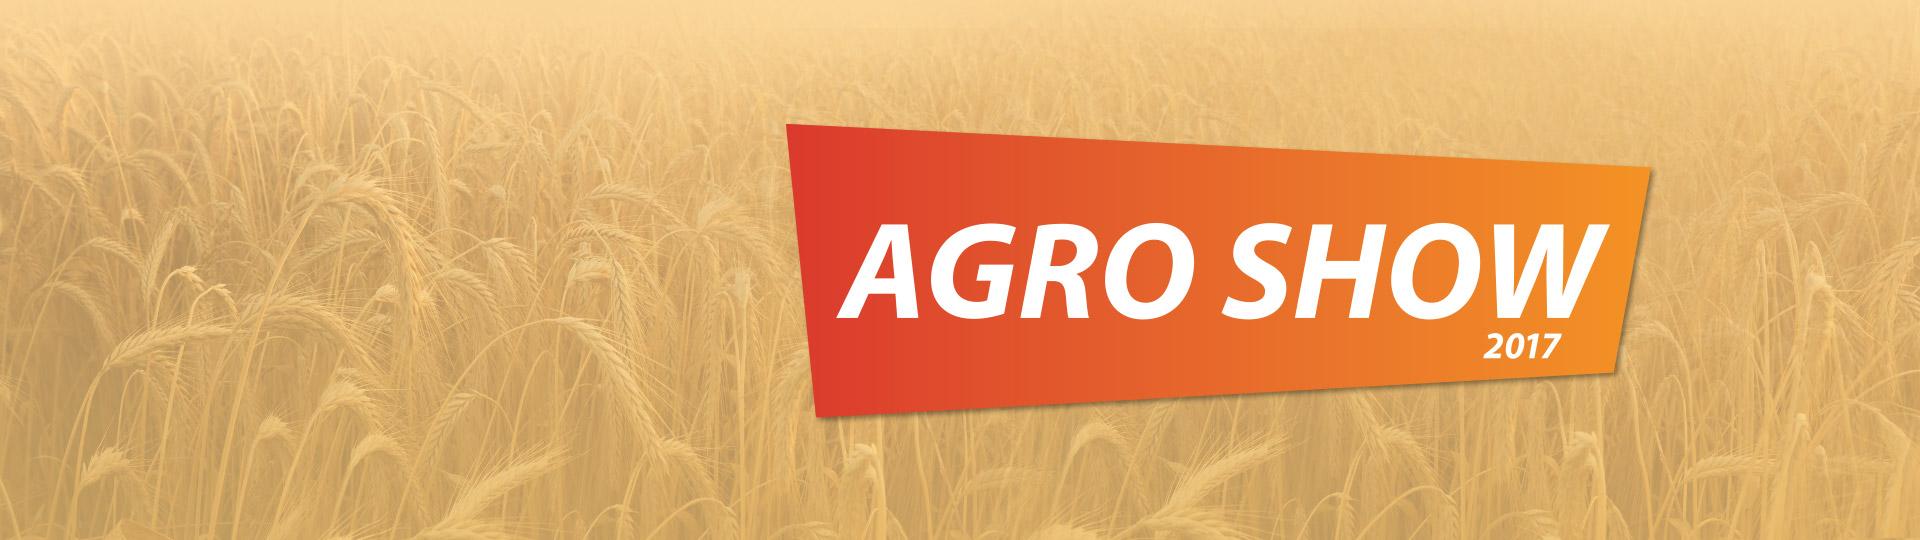 Podsumowanie targów Agro Show 2017 w Bednarach